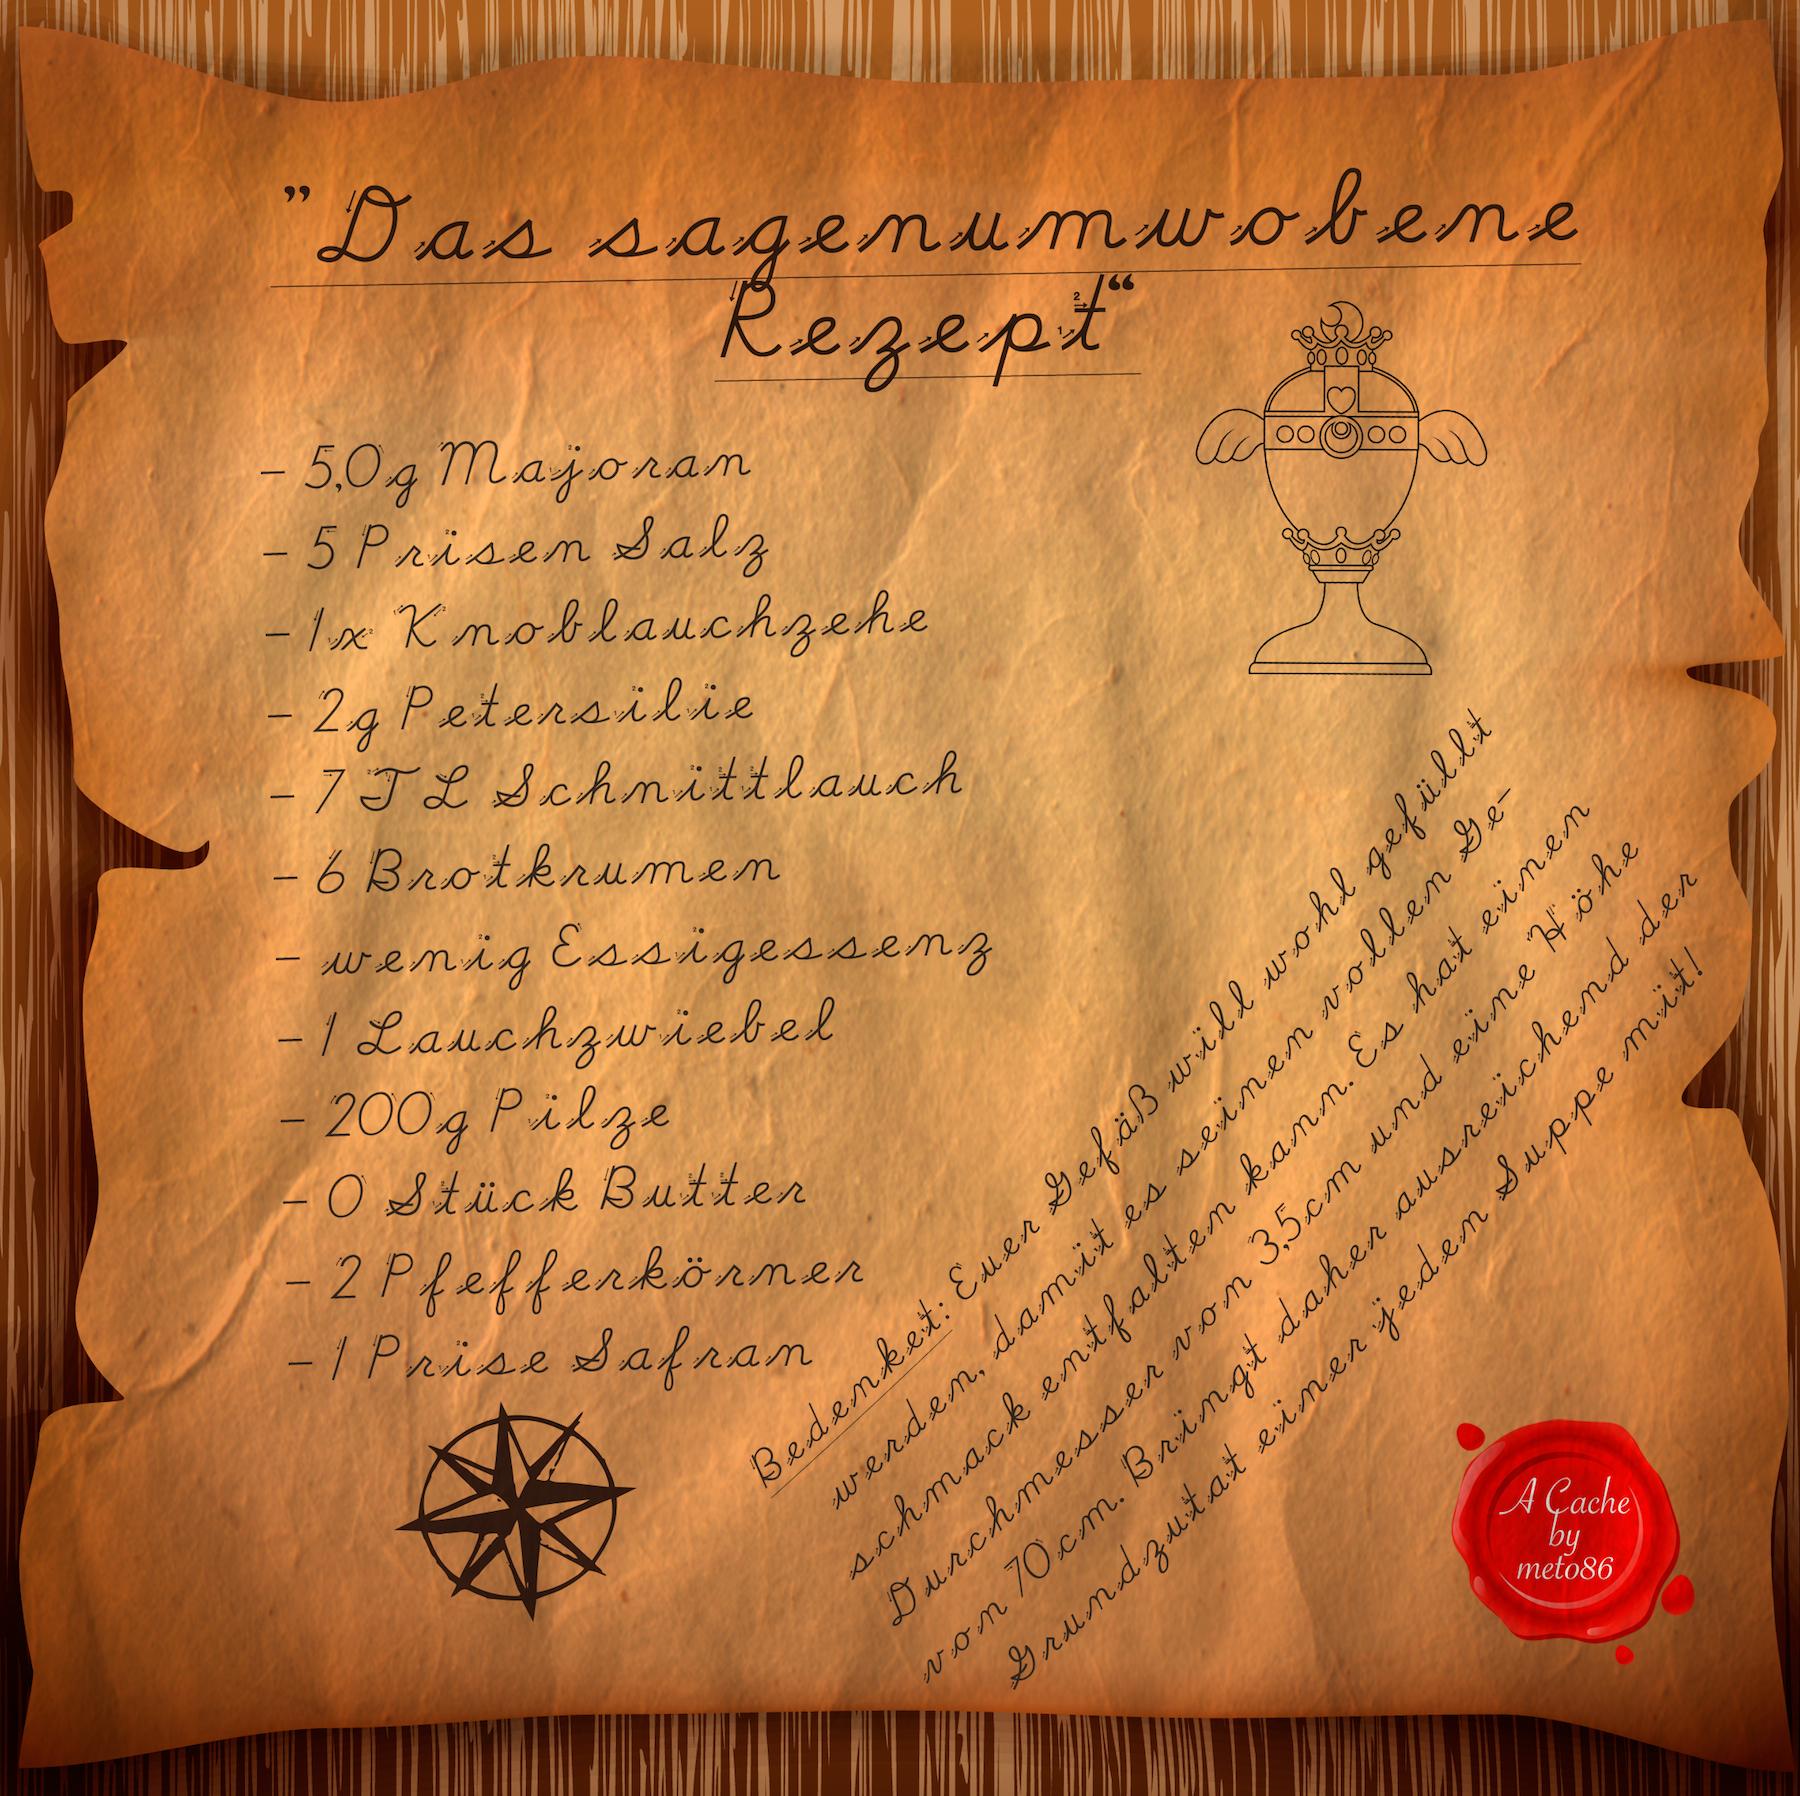 Saartal #05 - Das sagenumwobene Rezept